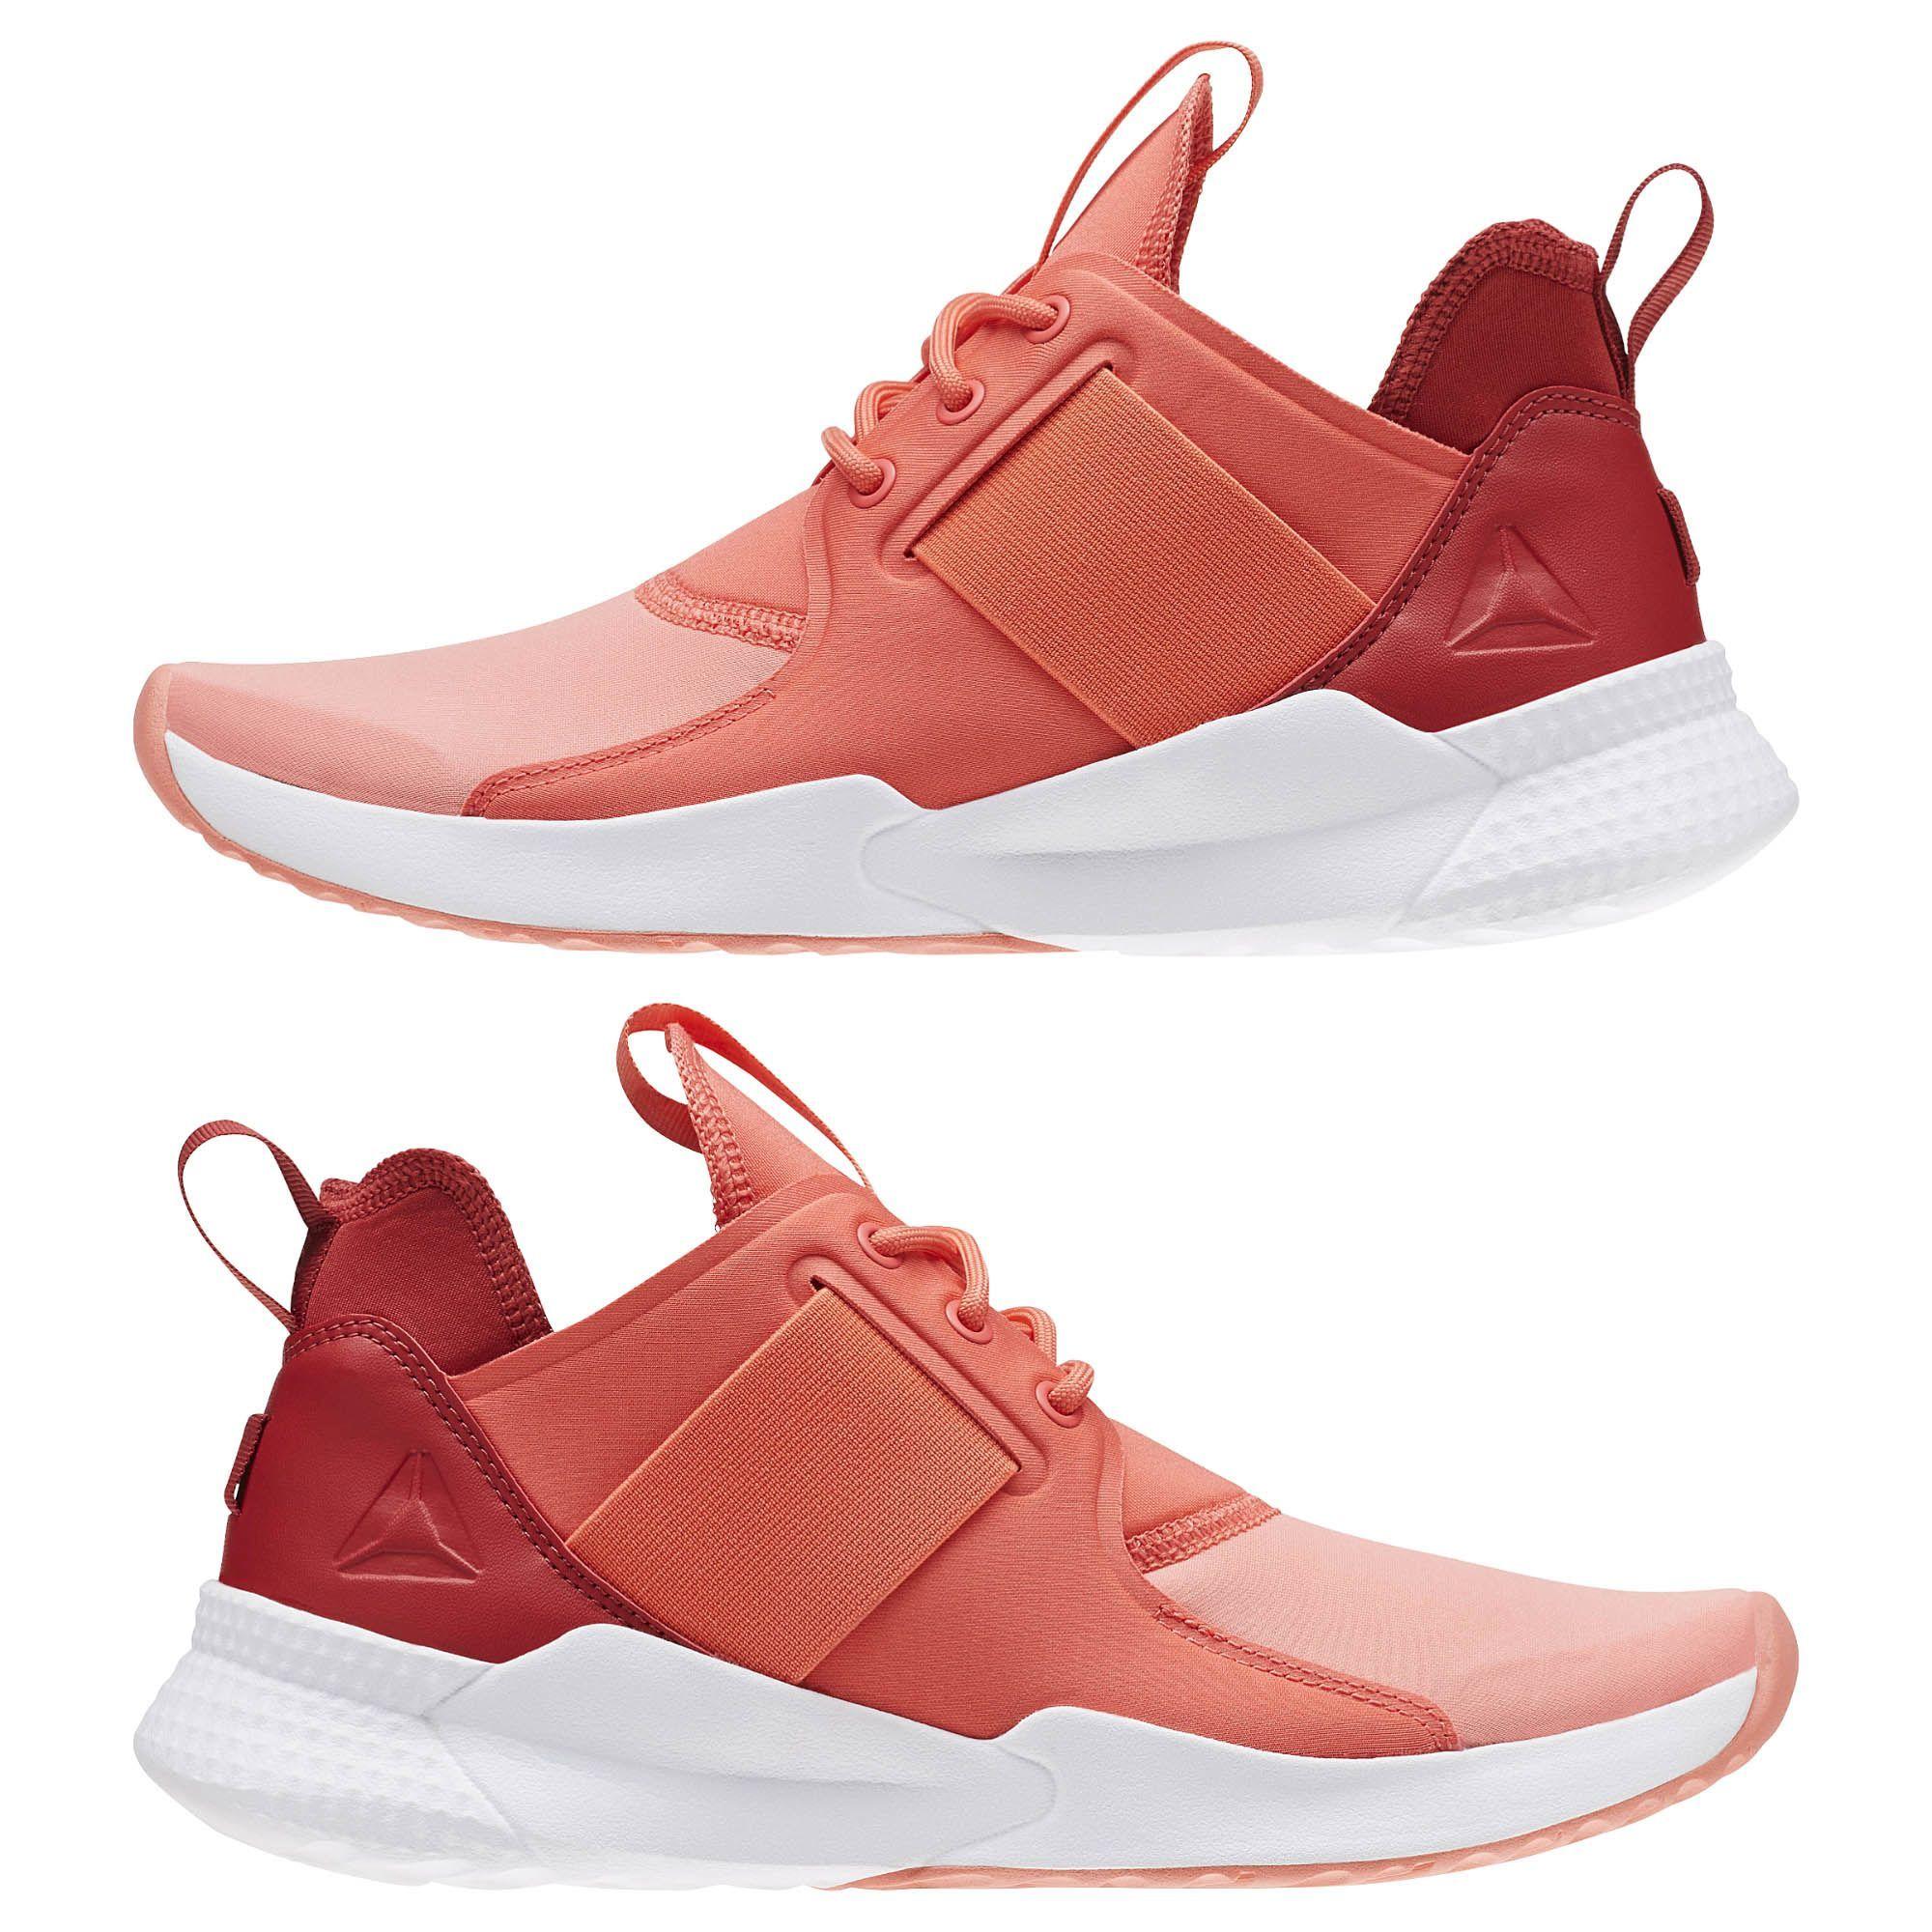 timeless design 646c5 62575 Reebok - Pilox 1.0 Zapatos Hombre Moda, Zapatillas Dama, Zapatos De Fútbol,  Calzado